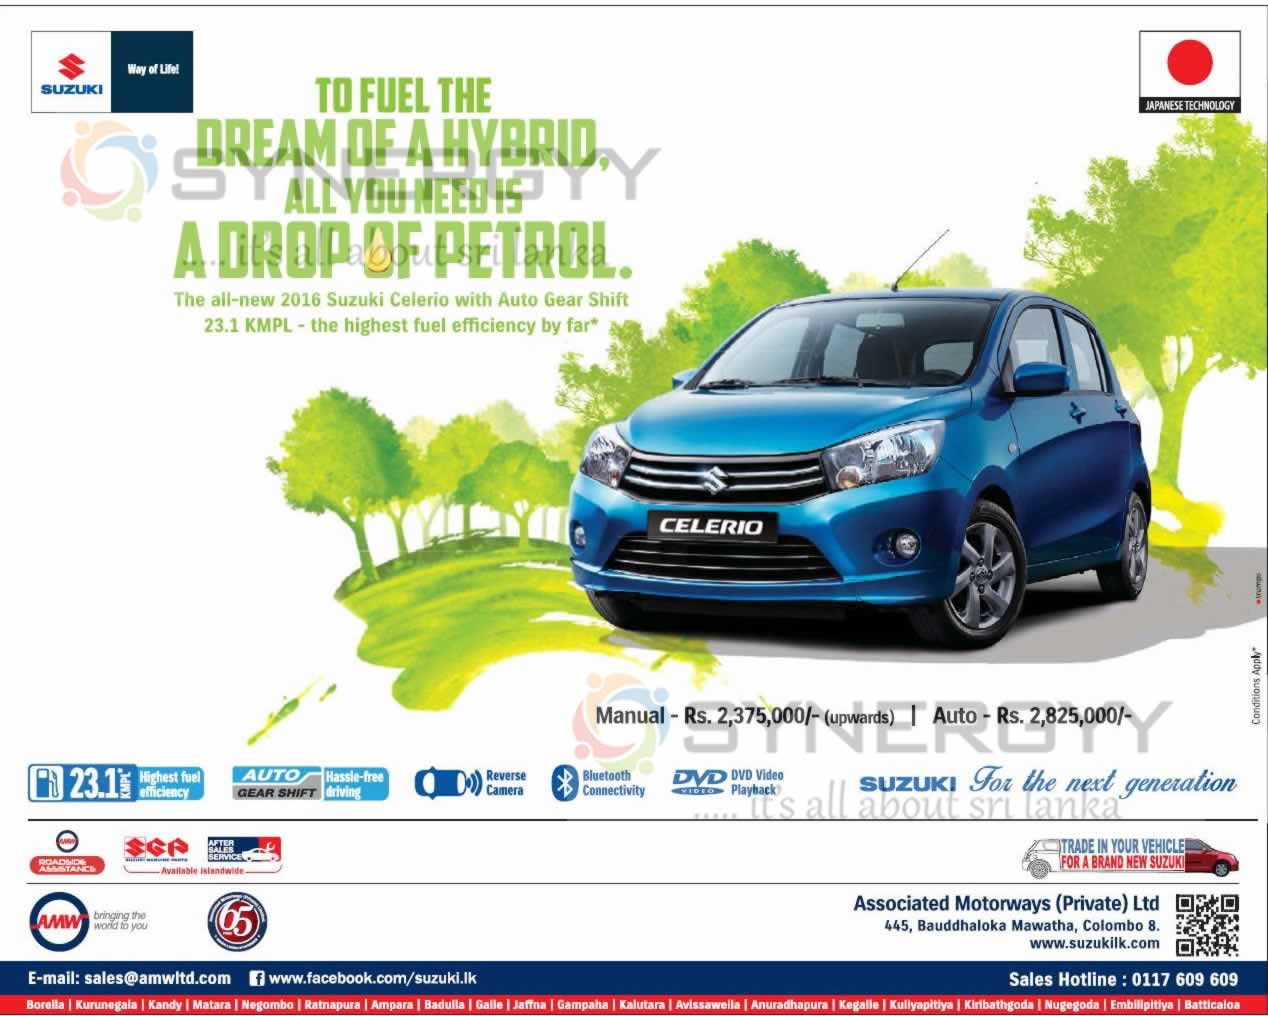 Suzuki Celerio Price Rs 2 375 000 Upwards 171 Synergyy